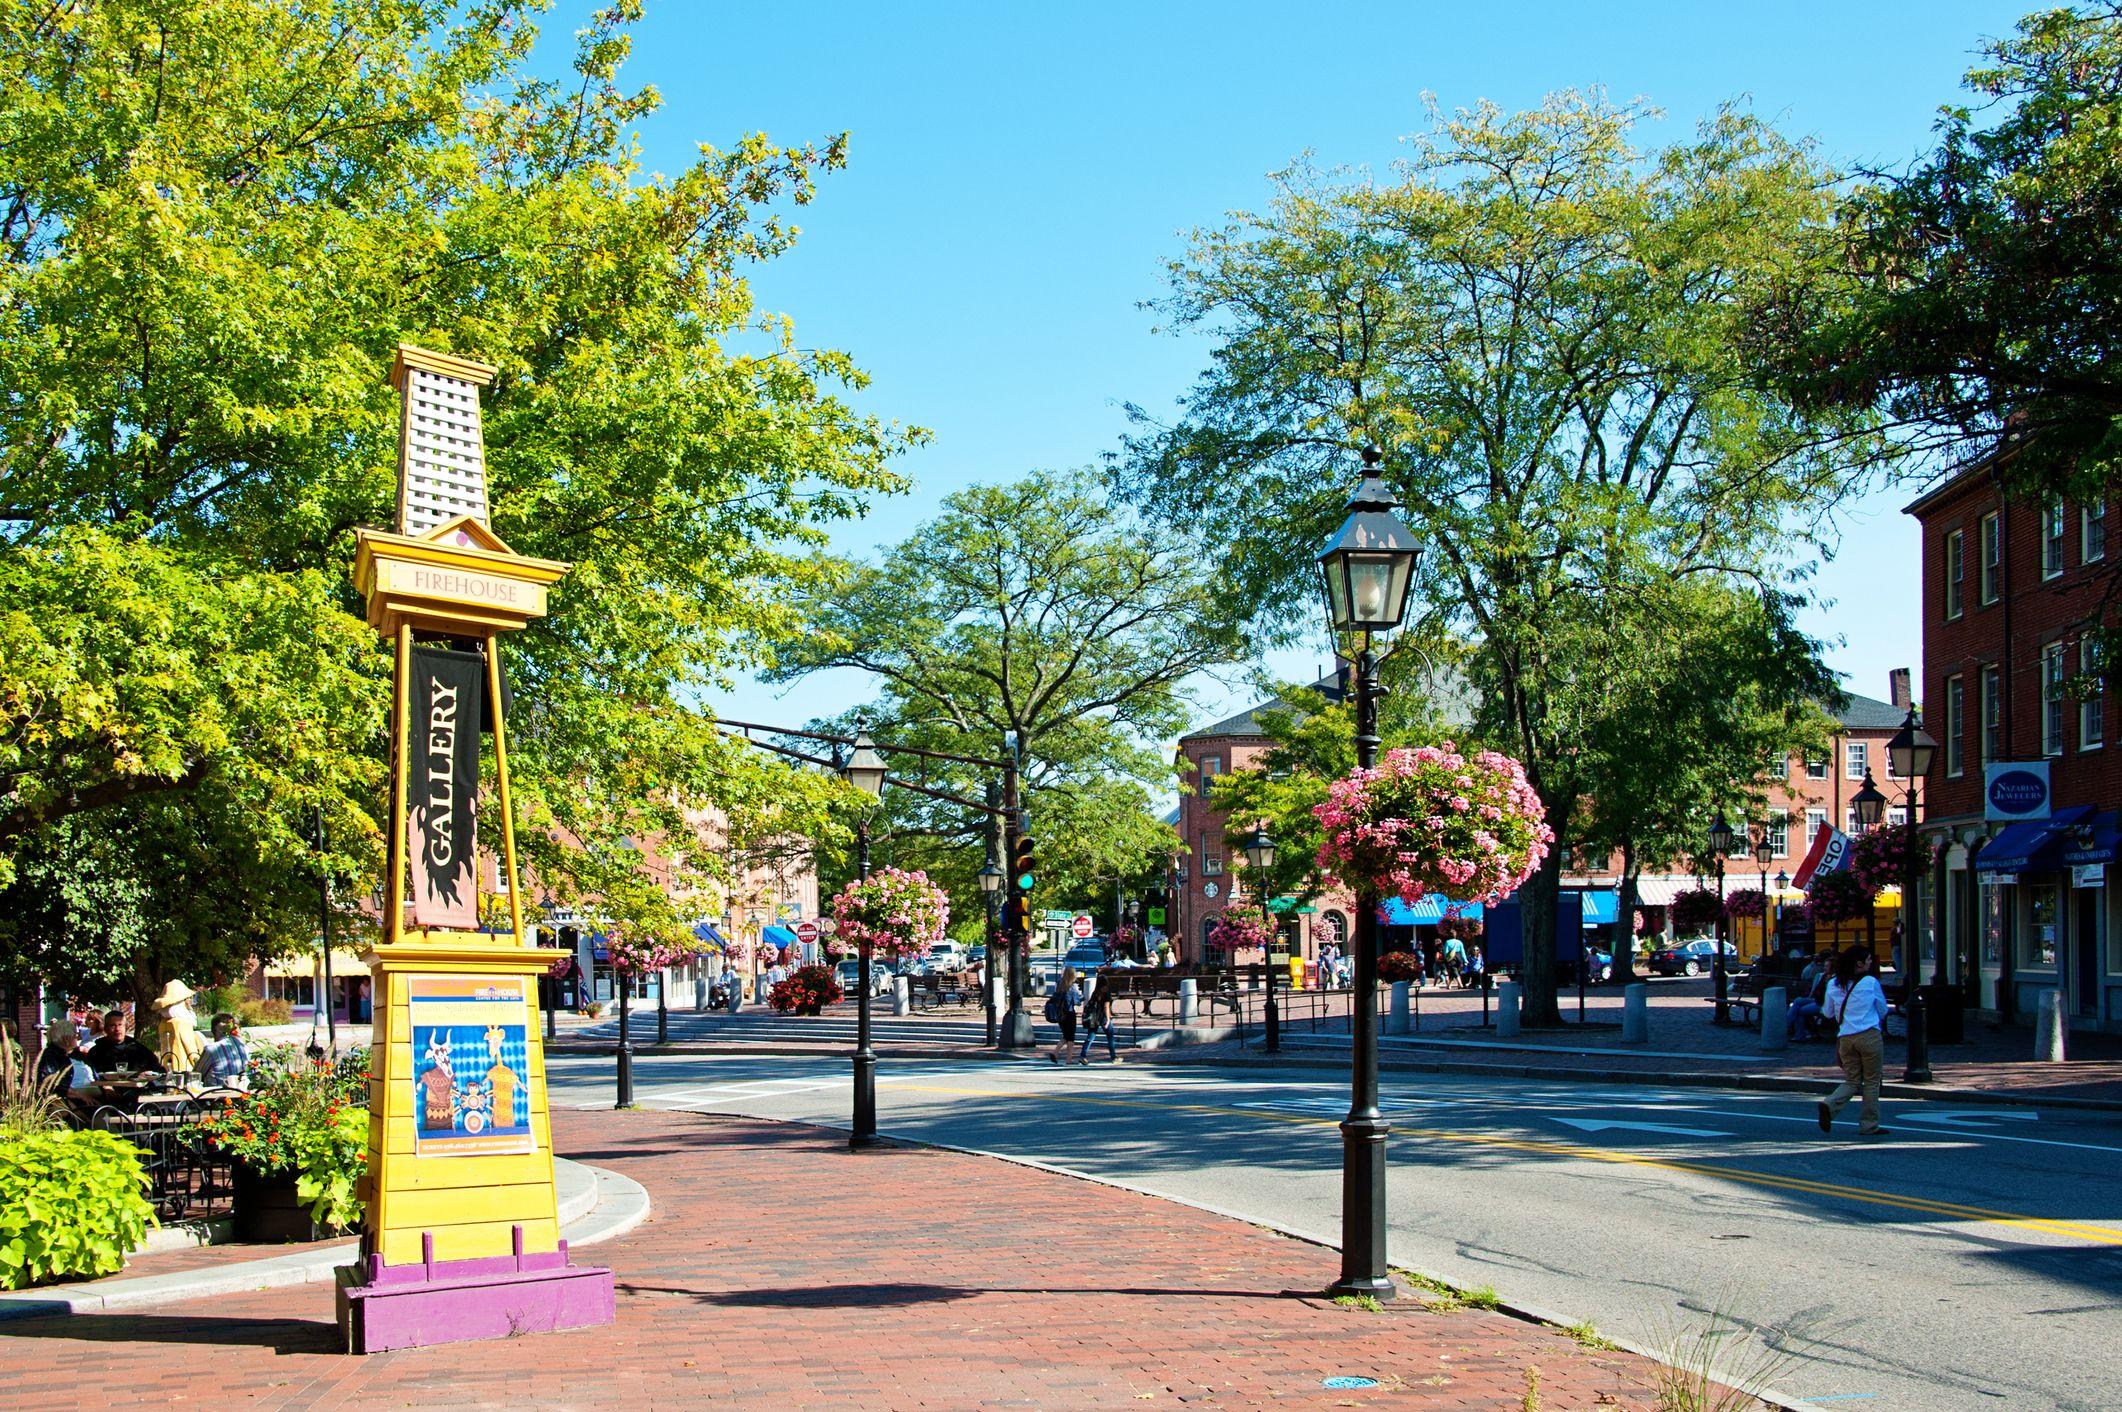 Newburyport in Massachusetts